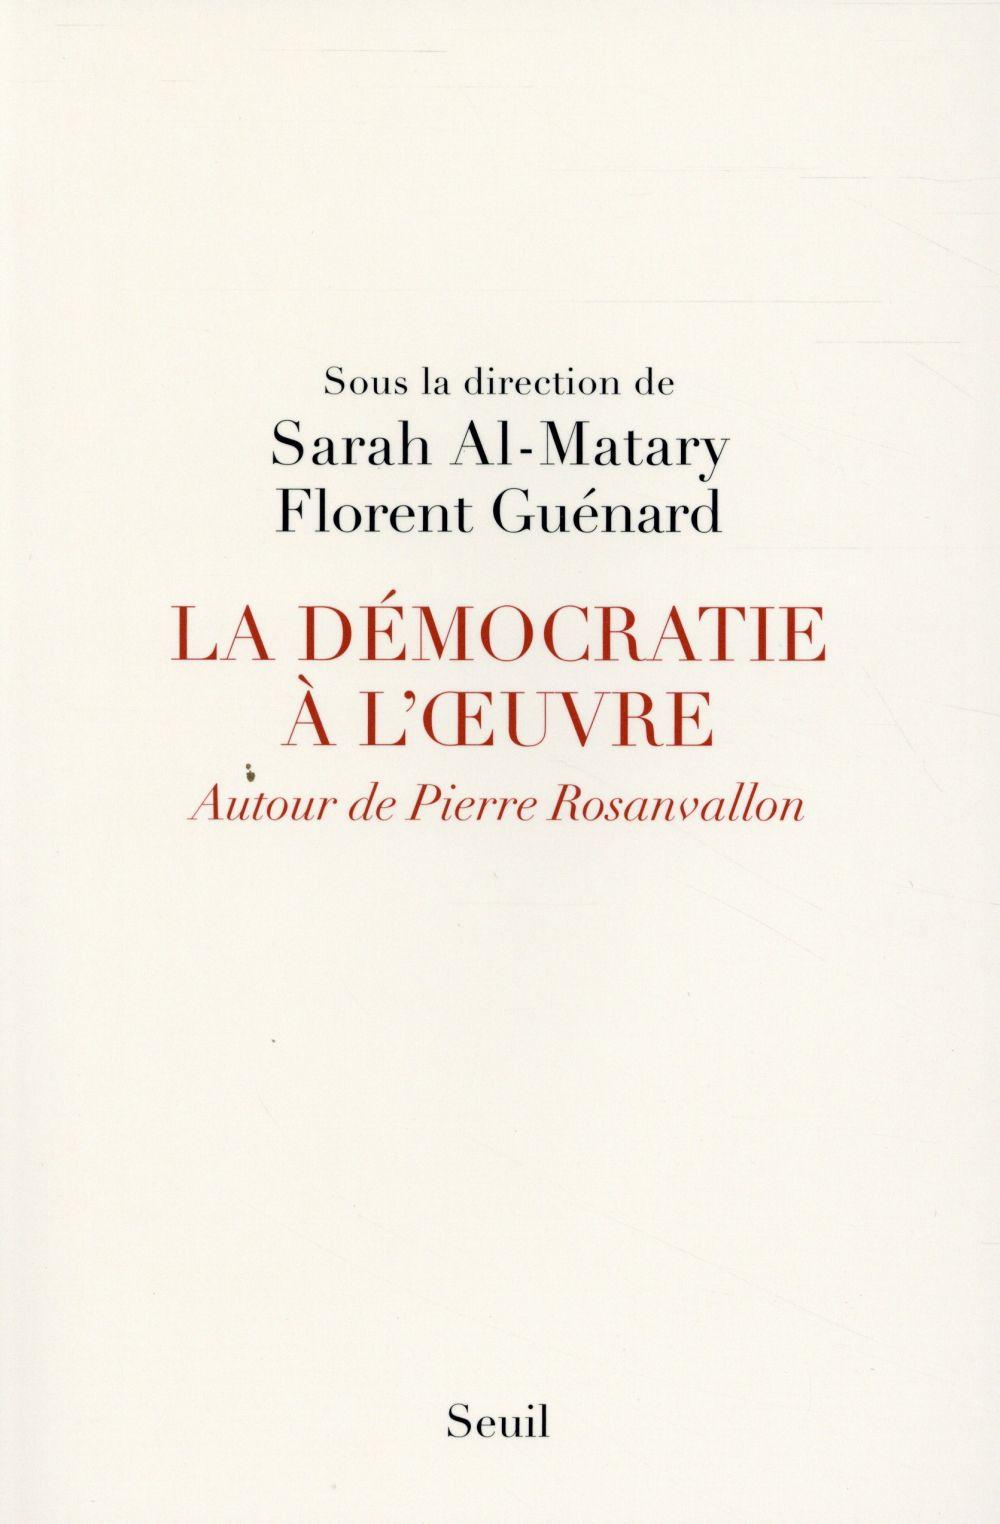 La démocratie à l'oeuvre ; autour de Pierre Rosanvallon